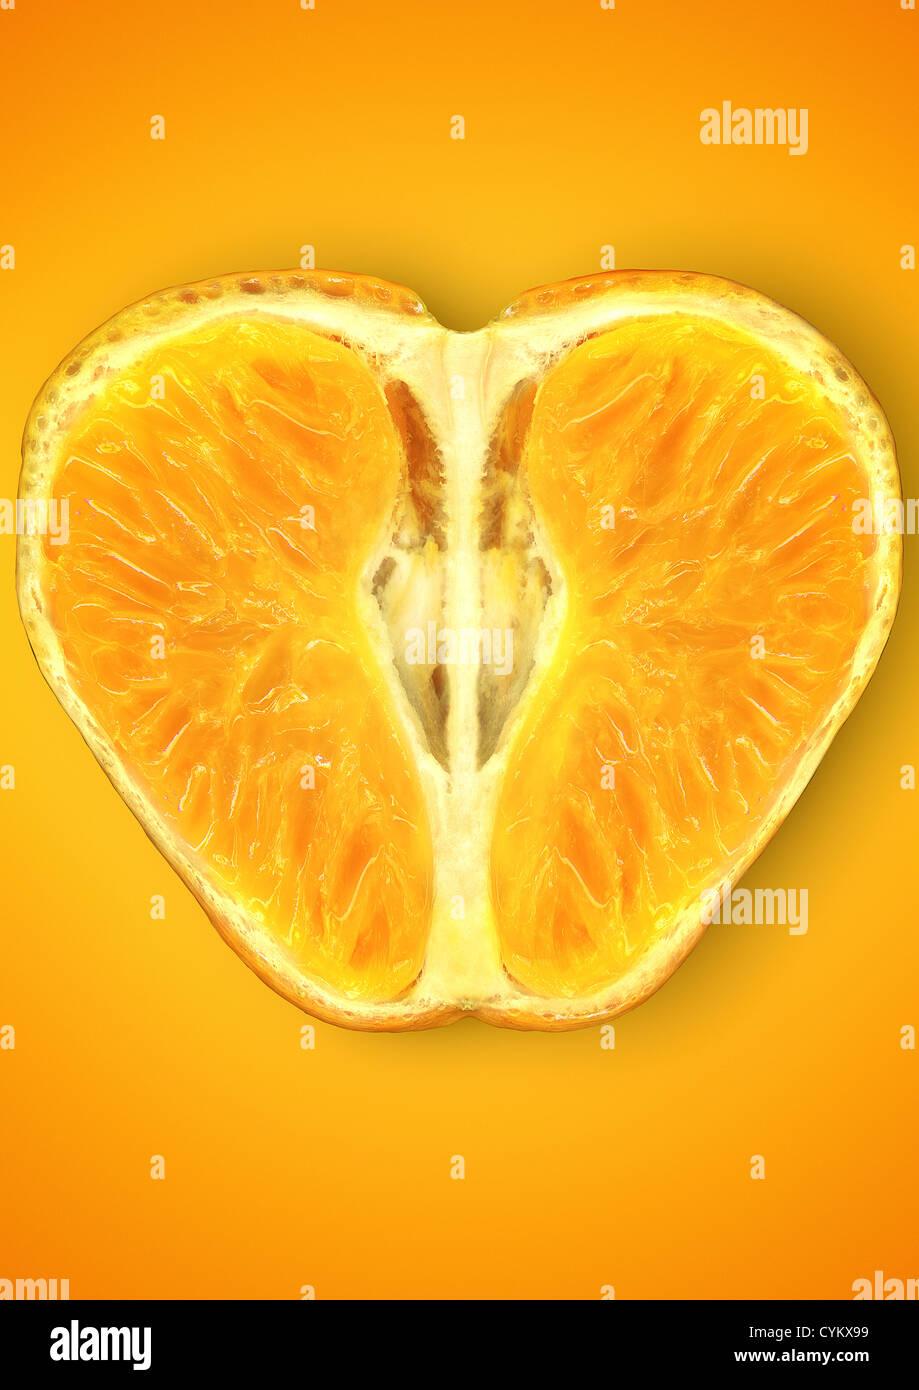 Cerca de la mitad naranja Imagen De Stock